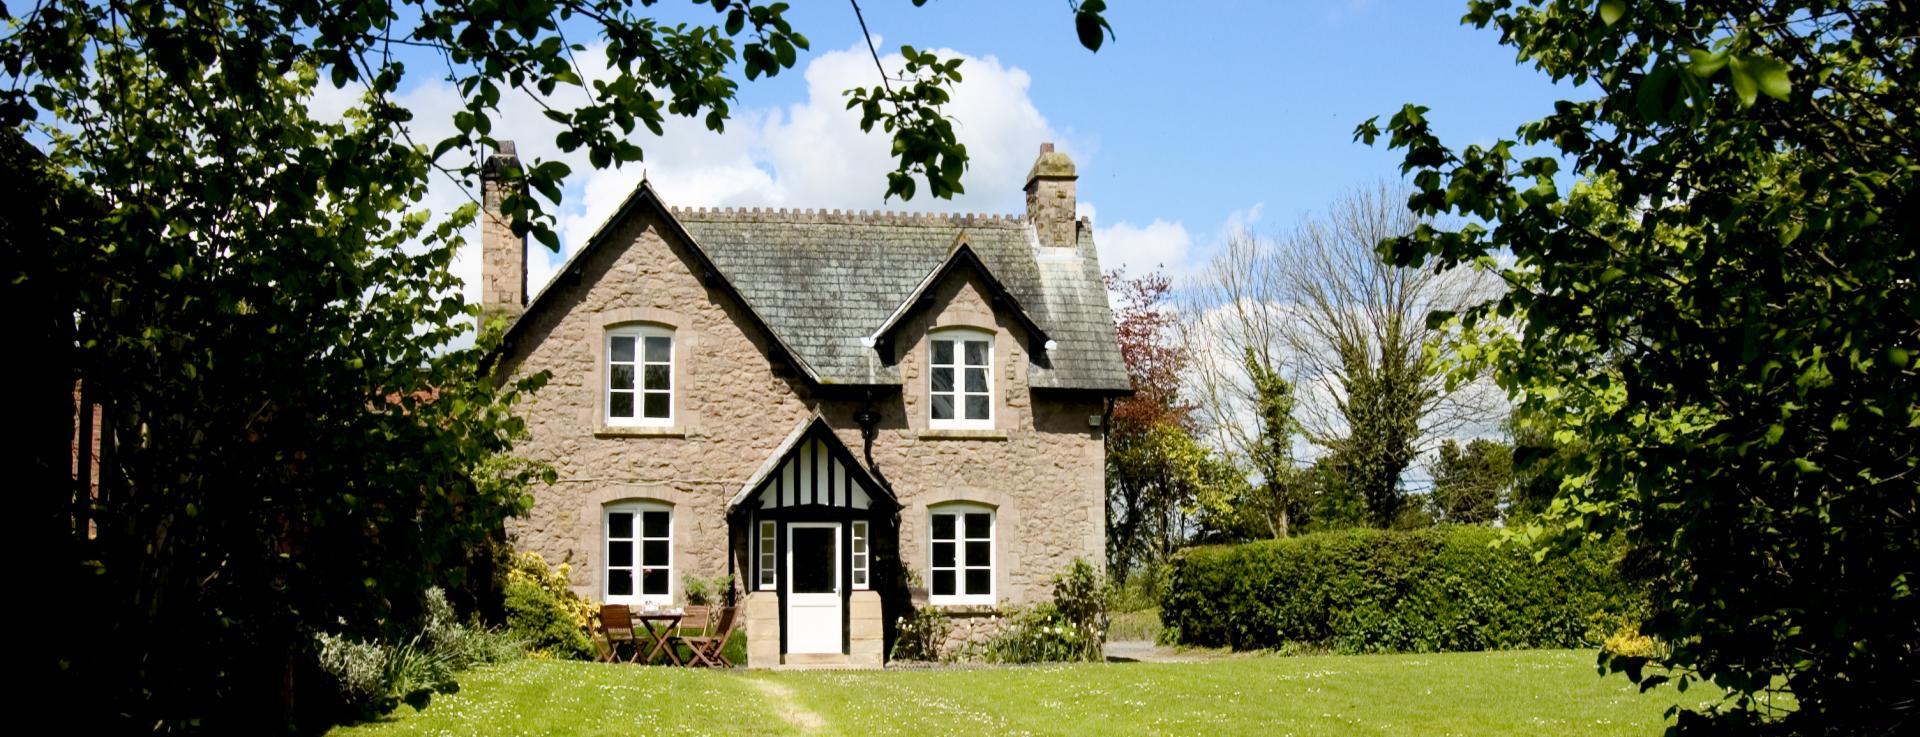 Gardeners cottage,White Heron Properties,Herefordshire